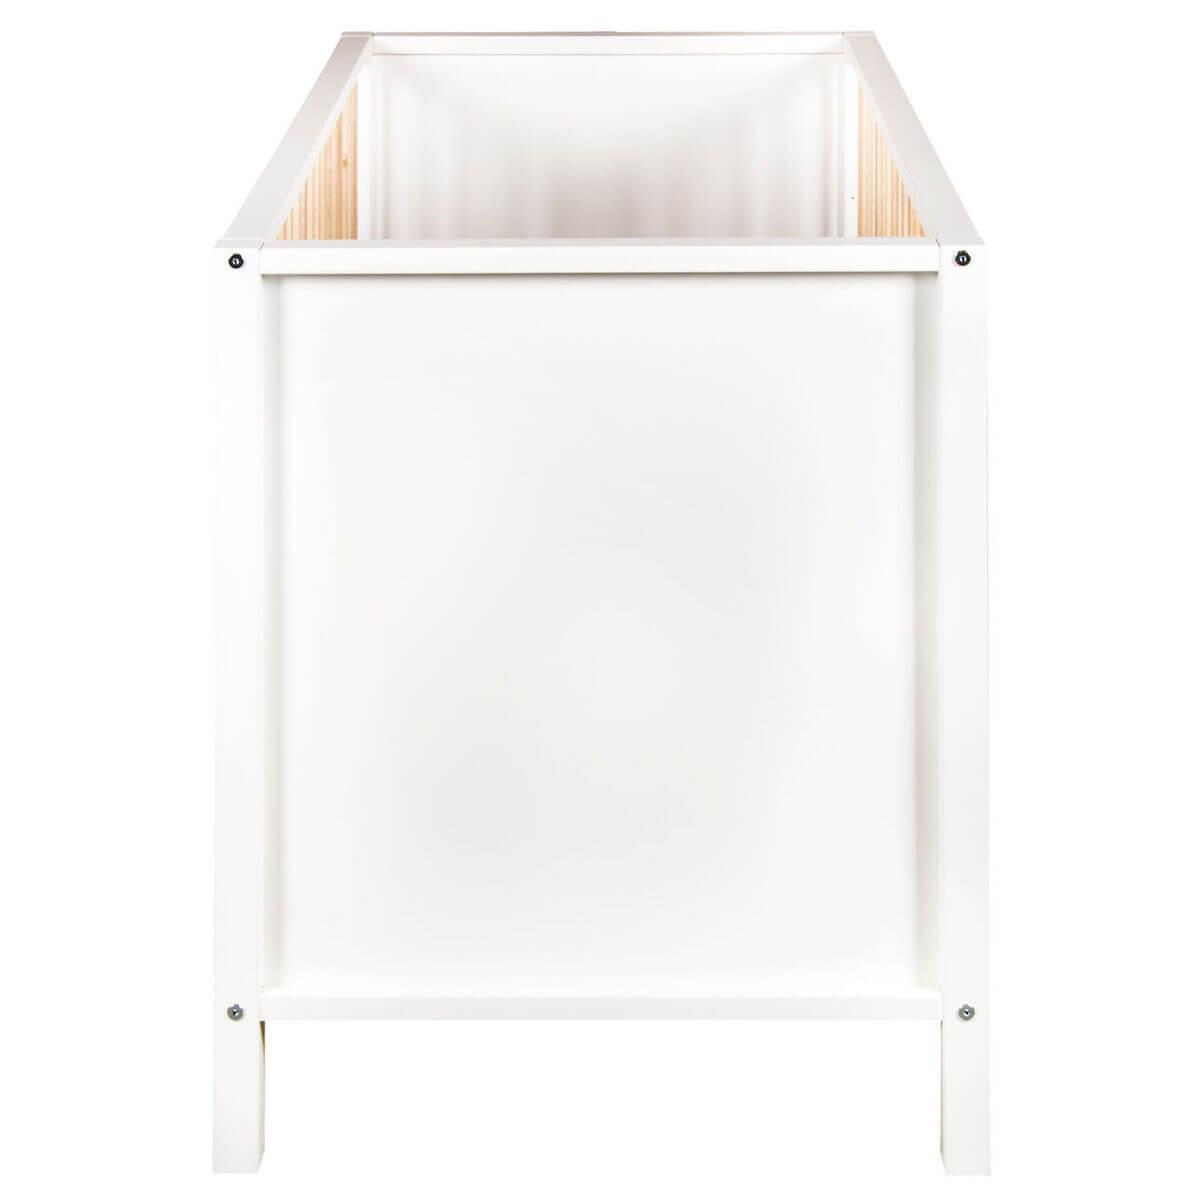 Lit 70x140cm NORDIC Quax blanc-naturel